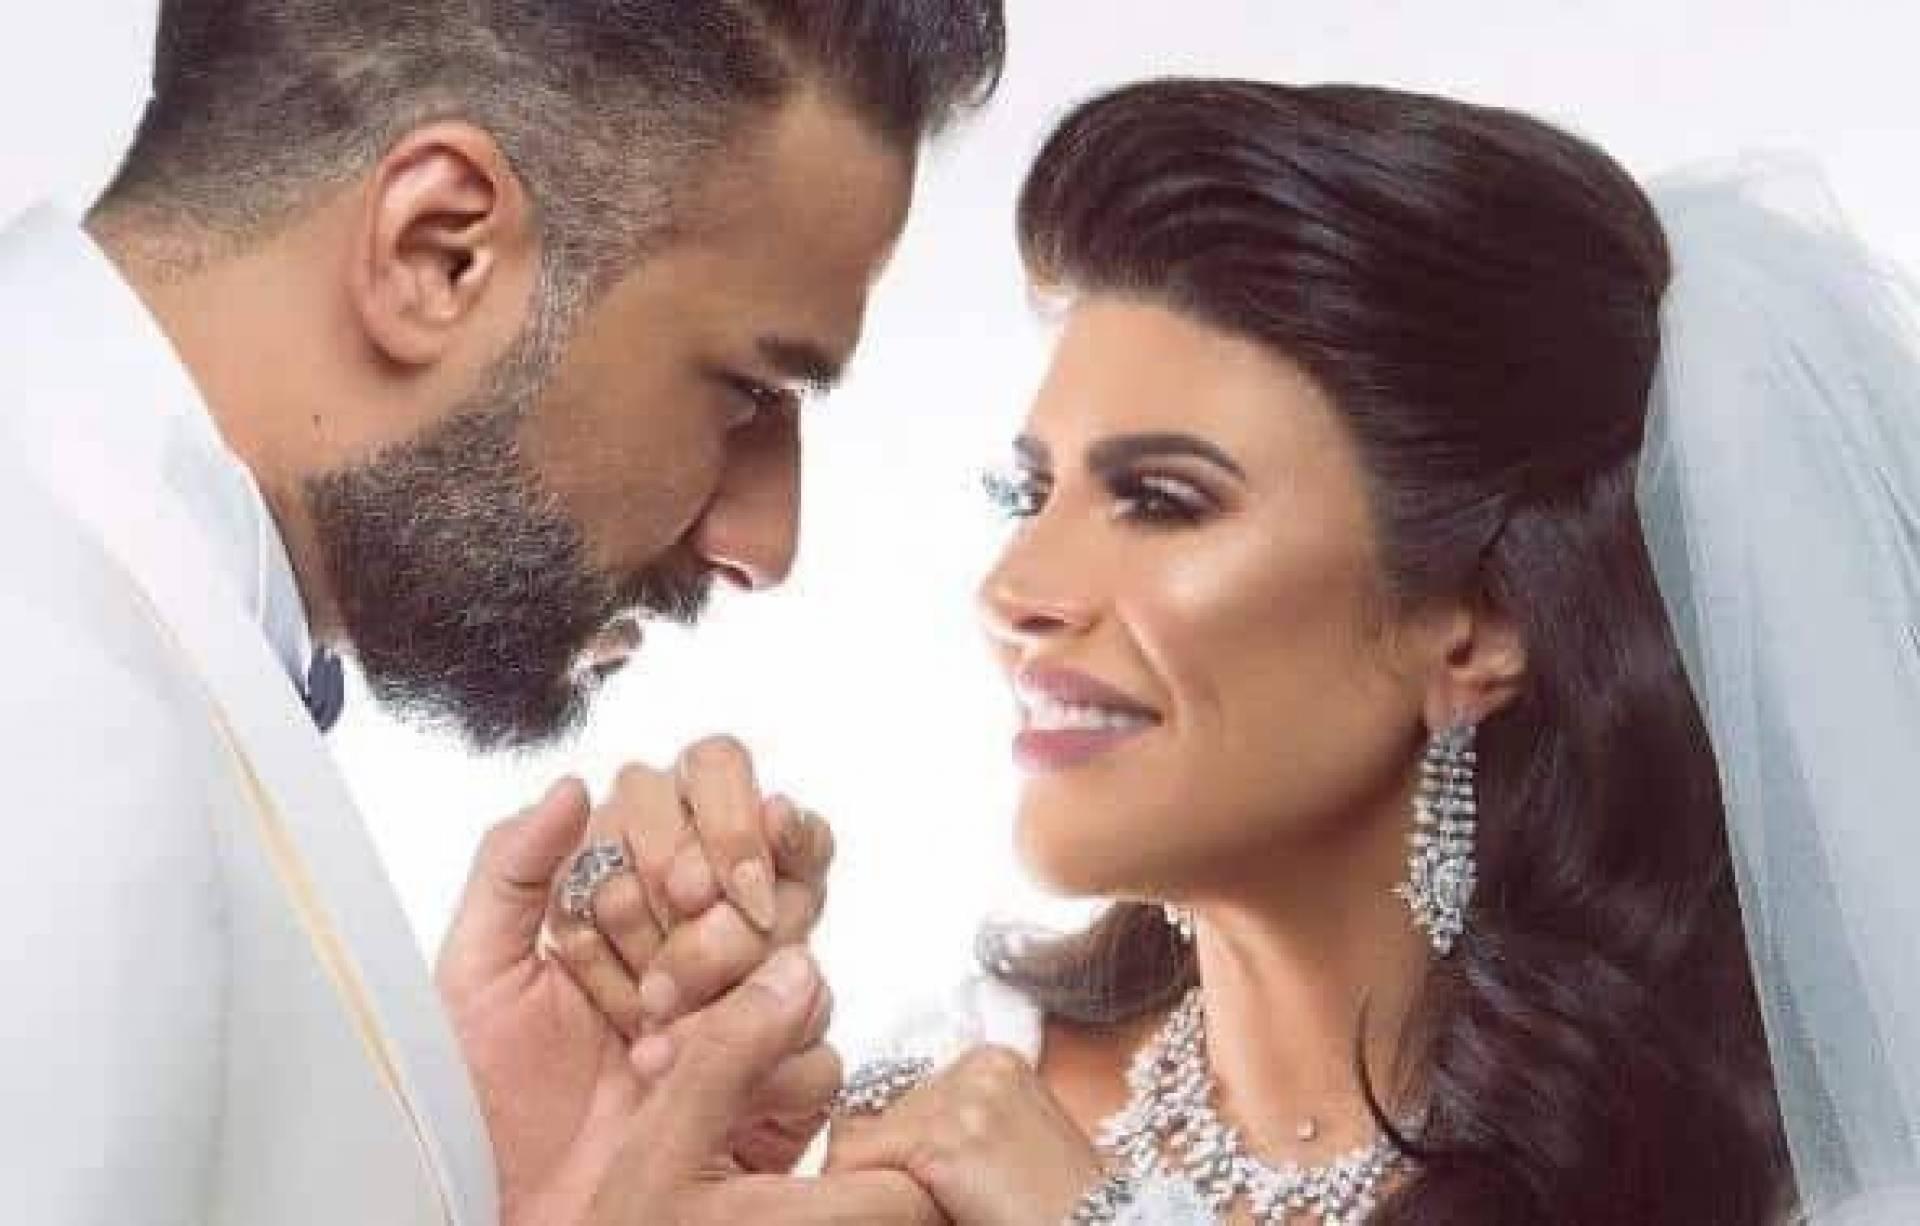 بعد أشهر على زواجها غدير السبتي تخرج عن صمتها وتوضح قصة طلاقها Laha Magazine